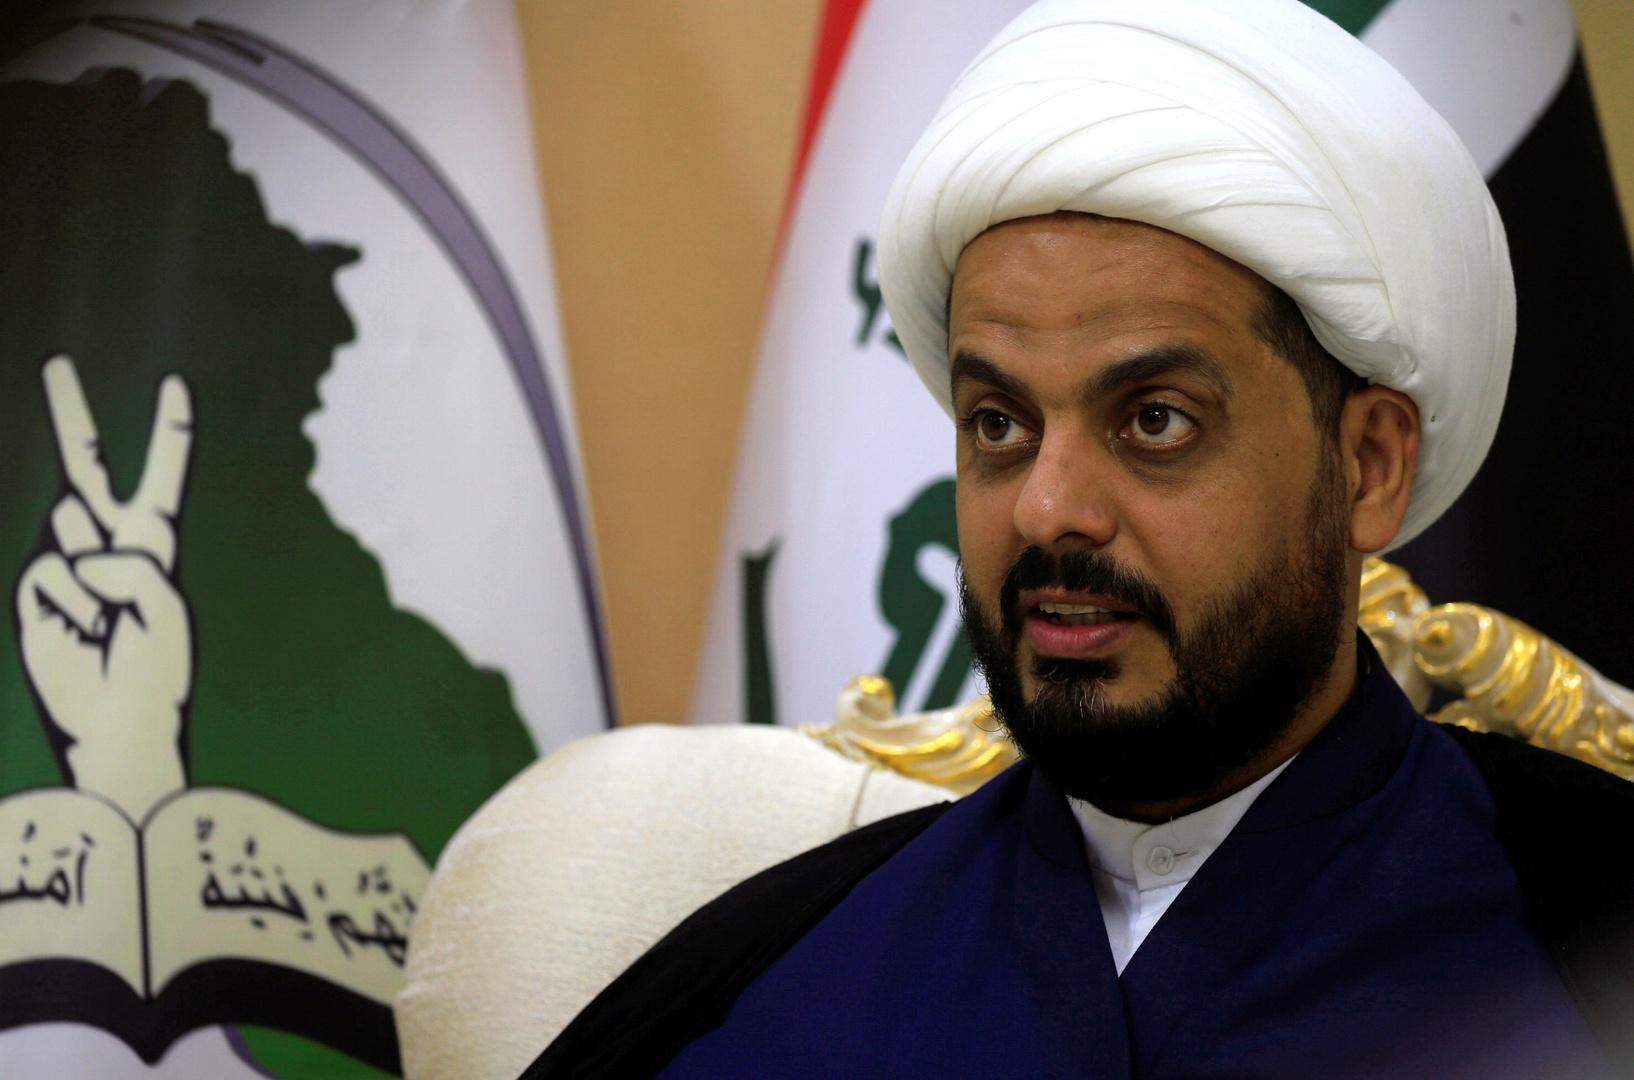 الخزعلي:  لدينا الجهوزية الكاملة للرد على أمريكا إذا استمرت في إراقة الدماء العراقية